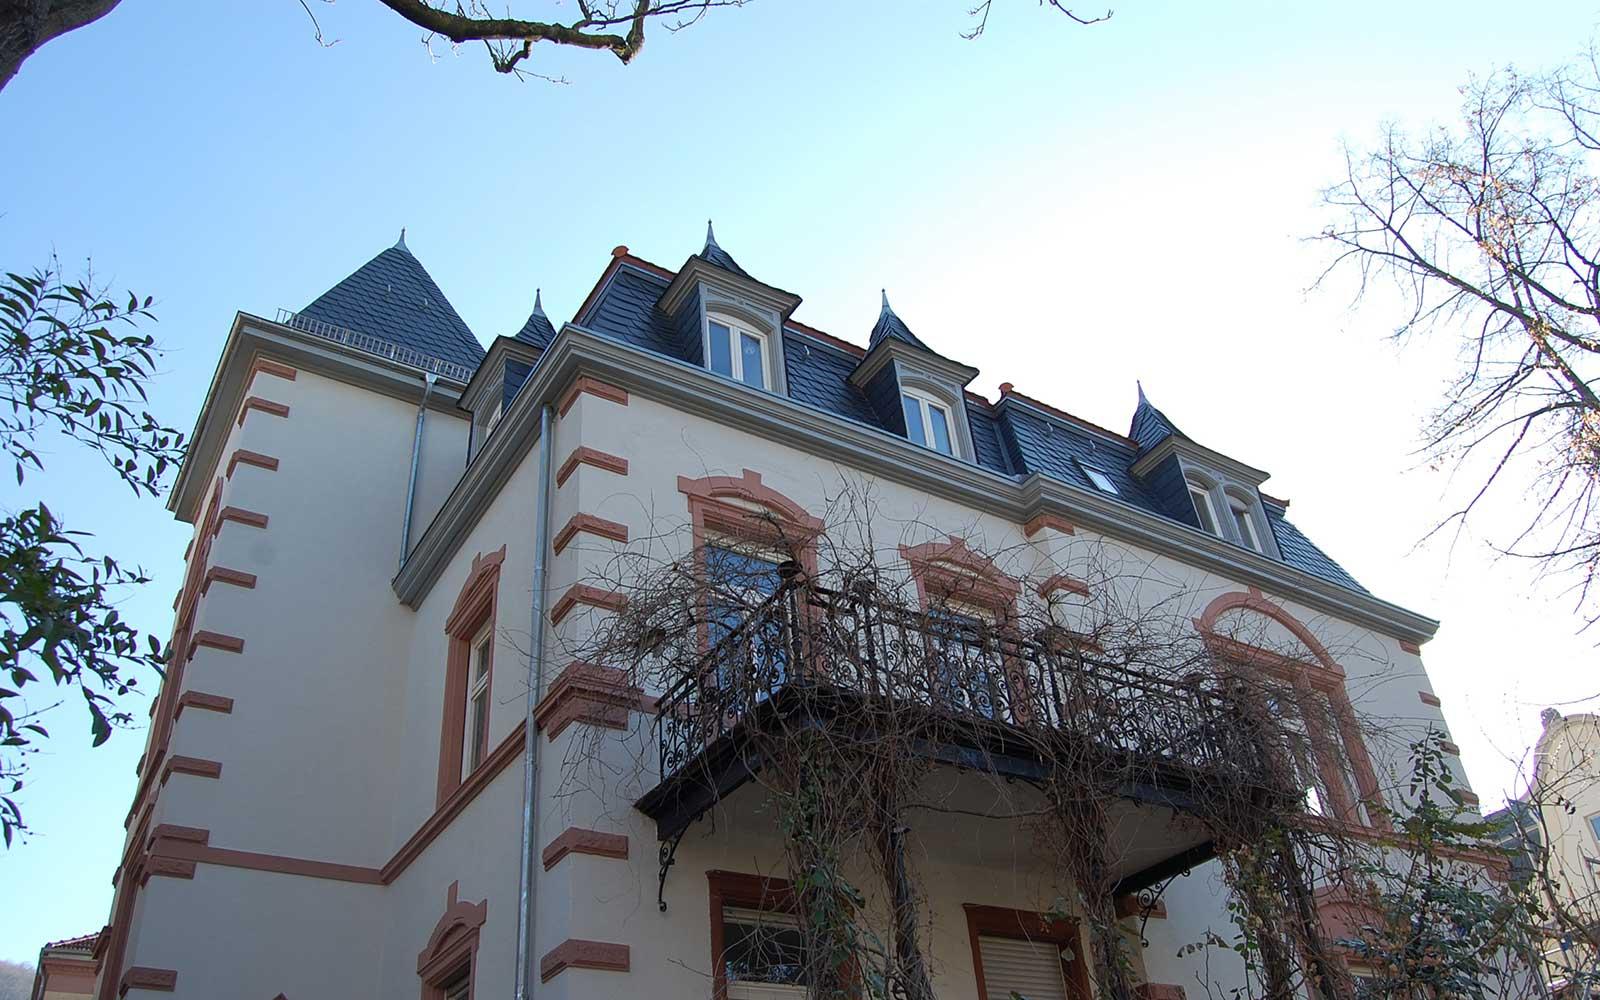 Altbausanierung in der Weststadt in Heidelberg, Kochhan und Weckbach Architekten